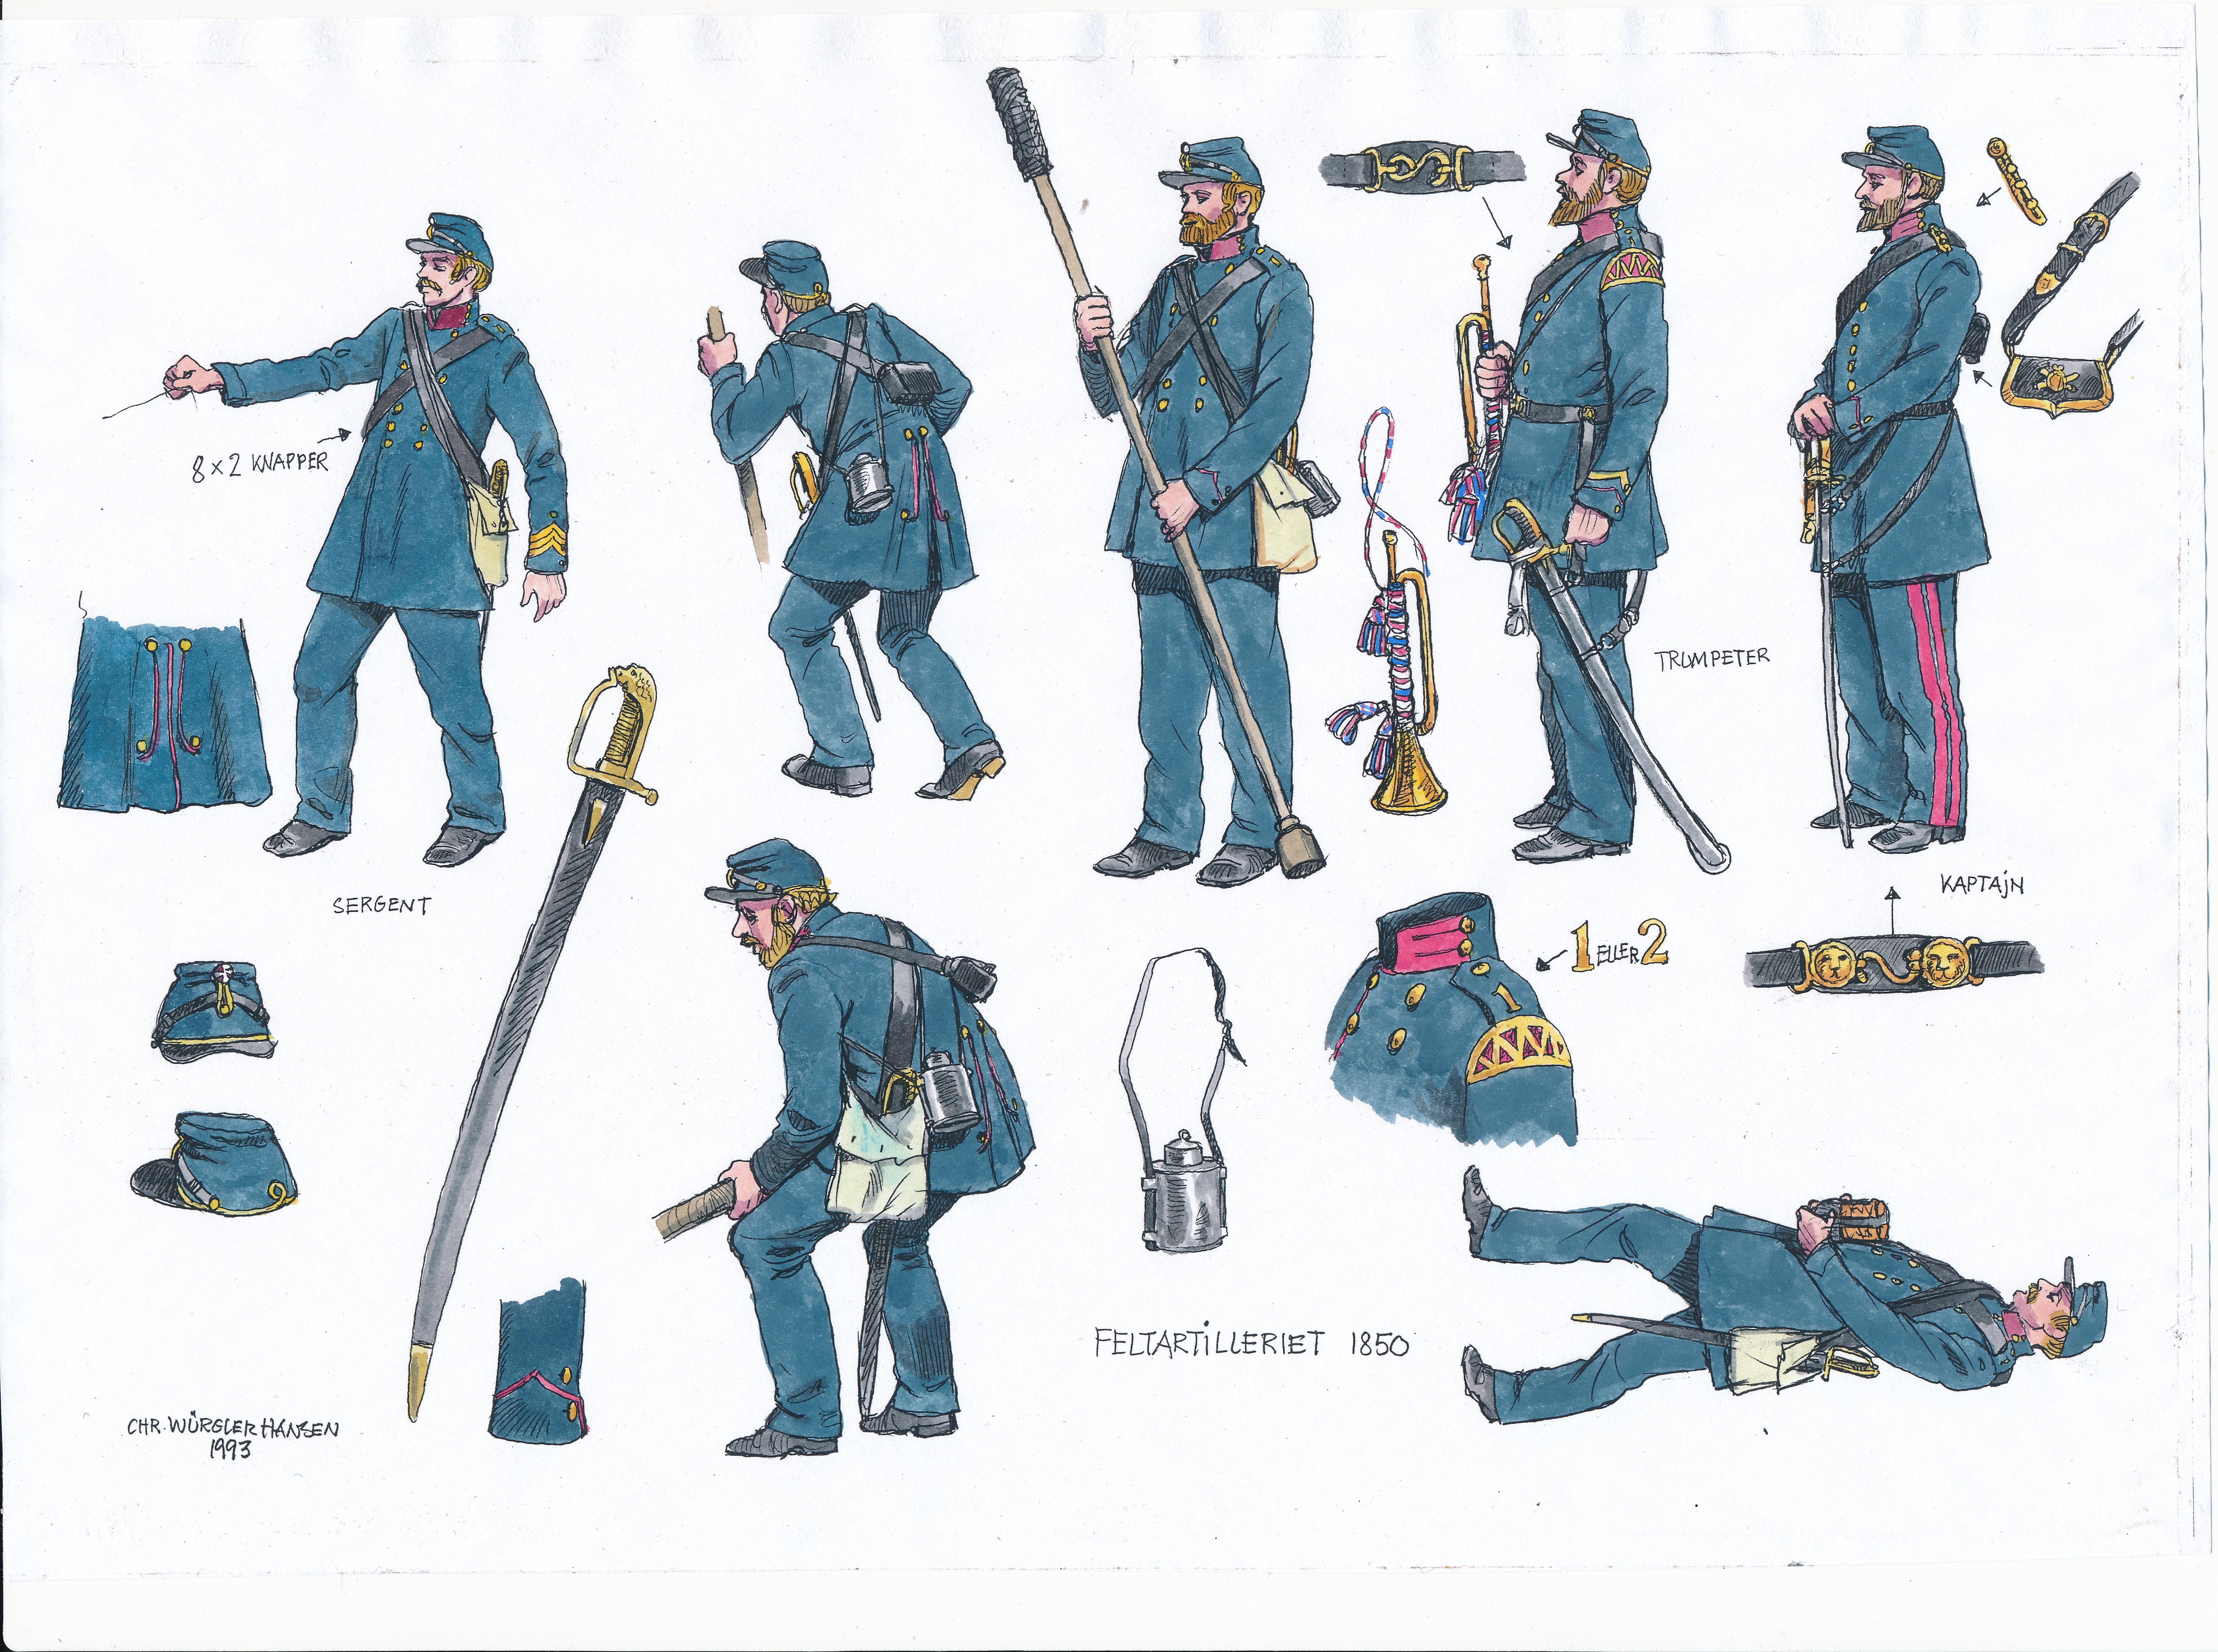 Feltartilleriet-1850